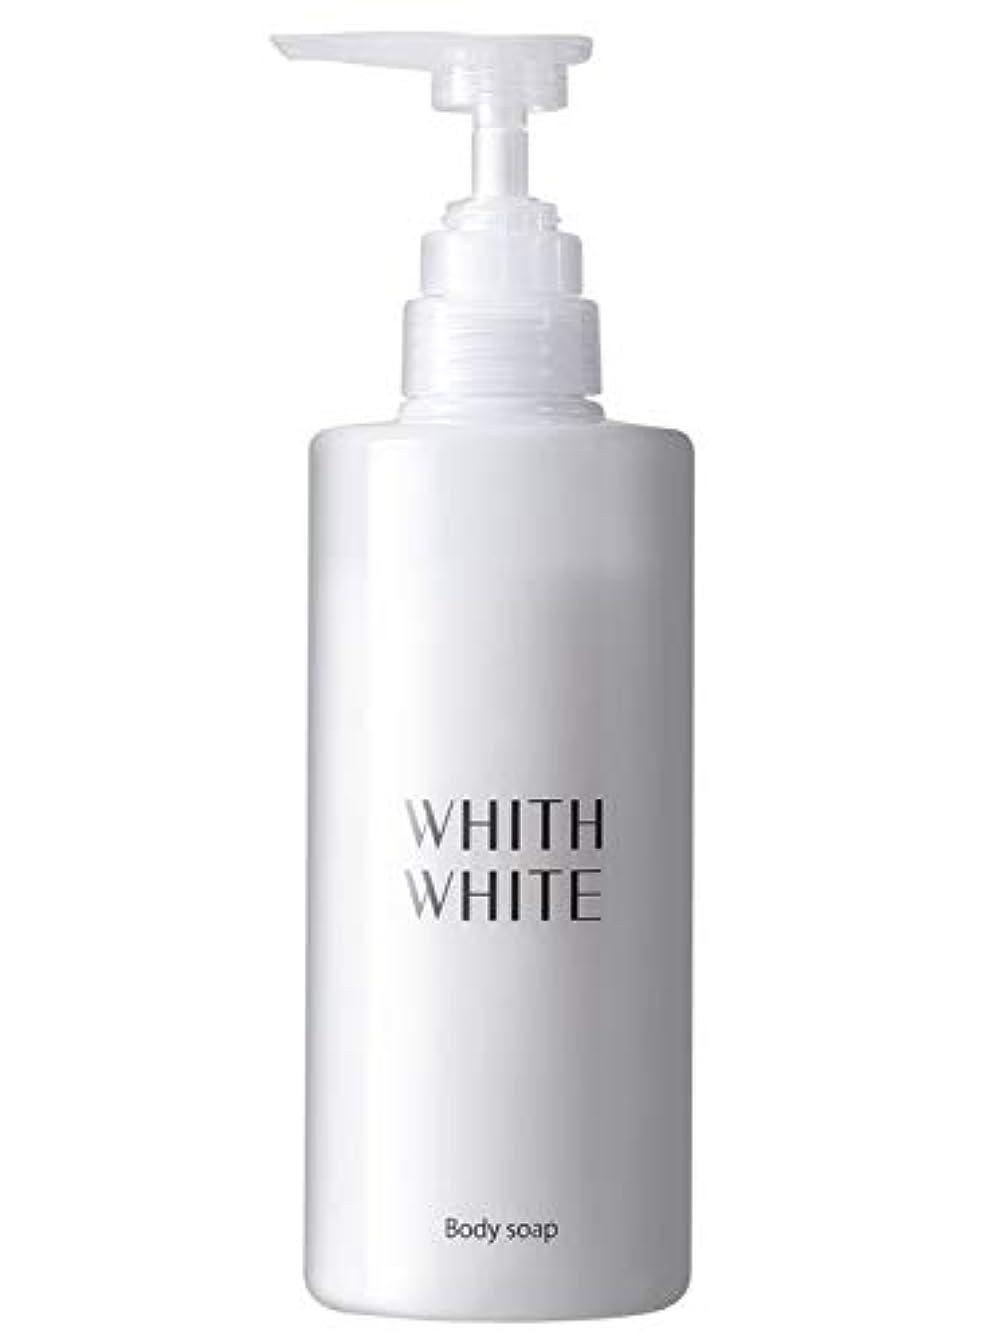 社会矢あえてフィス ホワイト ボディソープ 【 エレガントフローラルのいい香り 】 無添加 保湿 ボディーソープ 「 泡で黒ずみ さっぱり ボディシャンプー 」「 ヒアルロン酸 コラーゲン セラミド 配合」450ml